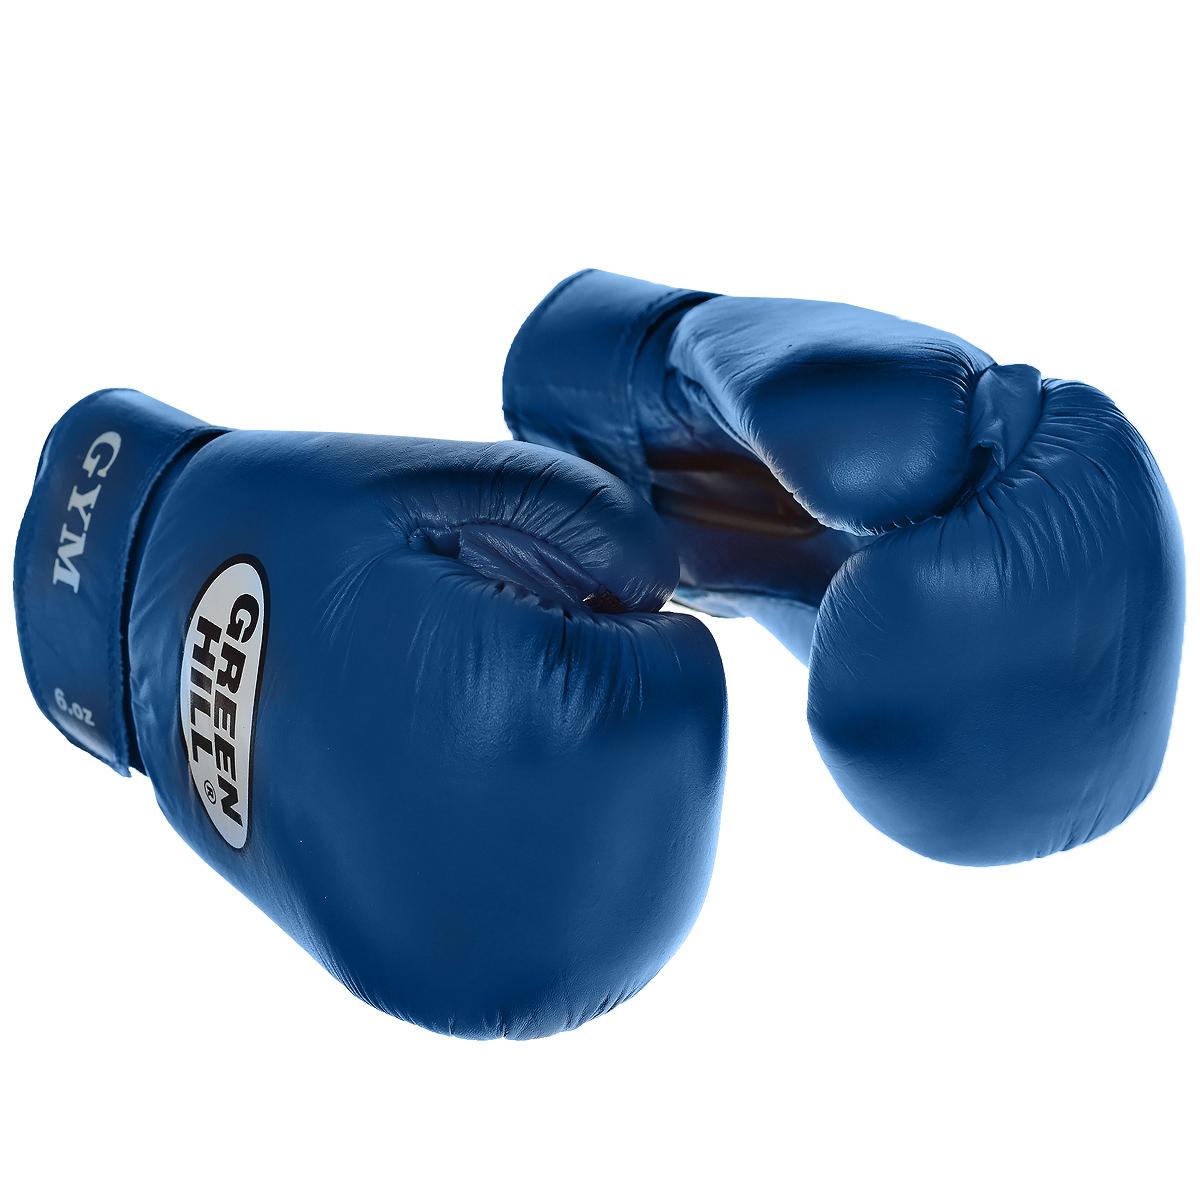 Перчатки боксерские Green Hill Gym, цвет: синий. Вес 10 унцийBGG-2018Боксерские перчатки Green Hill Gym специально разработаны для тренировочных спаррингов. Верх выполнен из натуральной кожи, наполнитель - из предварительно сформированного пенополиуретана. Перфорированная поверхность в области ладони позволяет создать максимально комфортный терморежим во время занятий. Широкий ремень, охватывая запястье, полностью оборачивается вокруг манжеты, благодаря чему создается дополнительная защита лучезапястного сустава от травмирования. Застежка на липучке способствует быстрому и удобному одеванию перчаток, плотно фиксирует перчатки на руке.